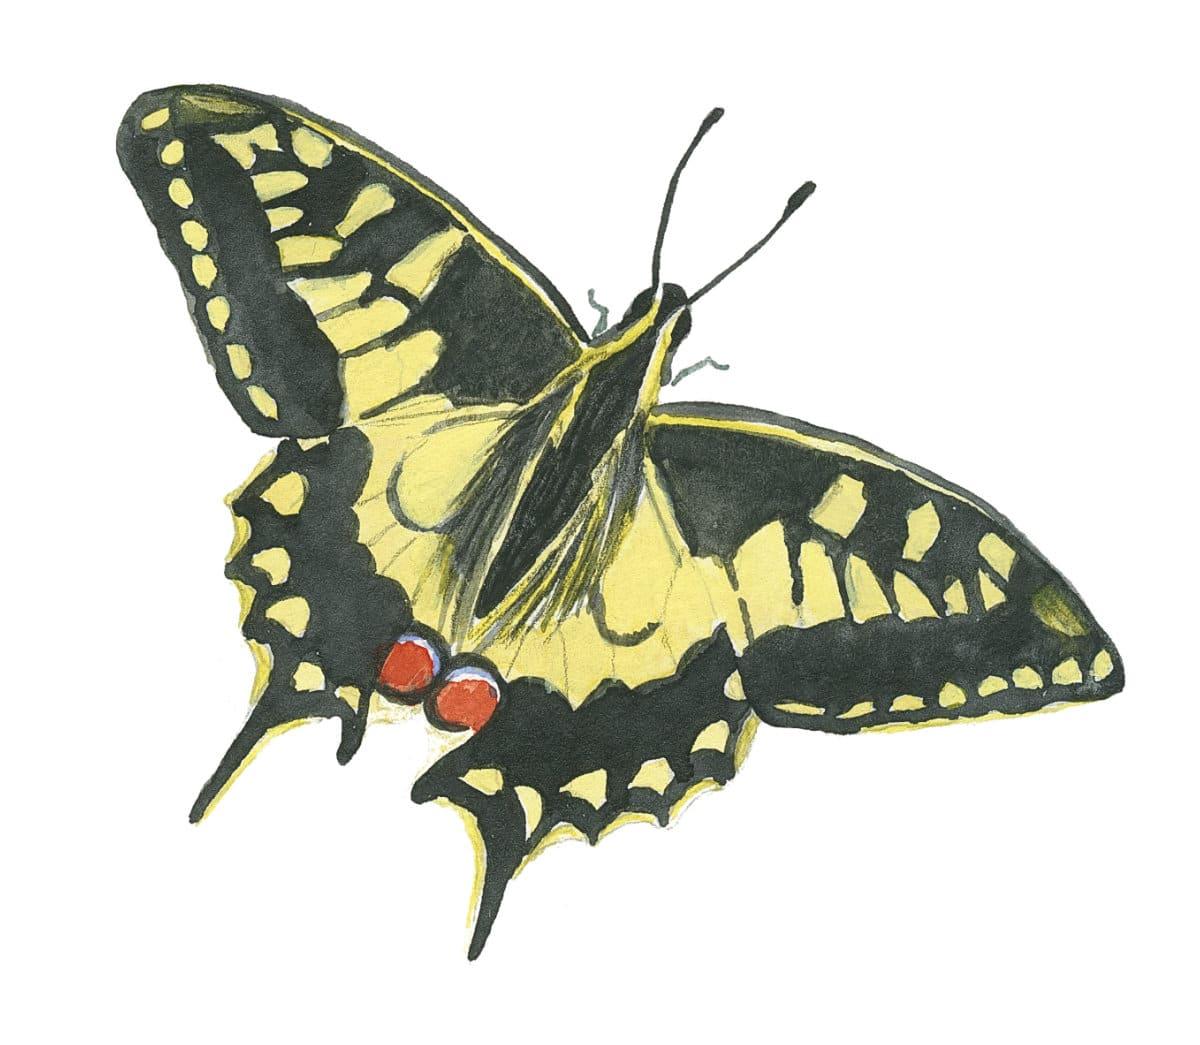 Swallowtail butterfly in watercolor